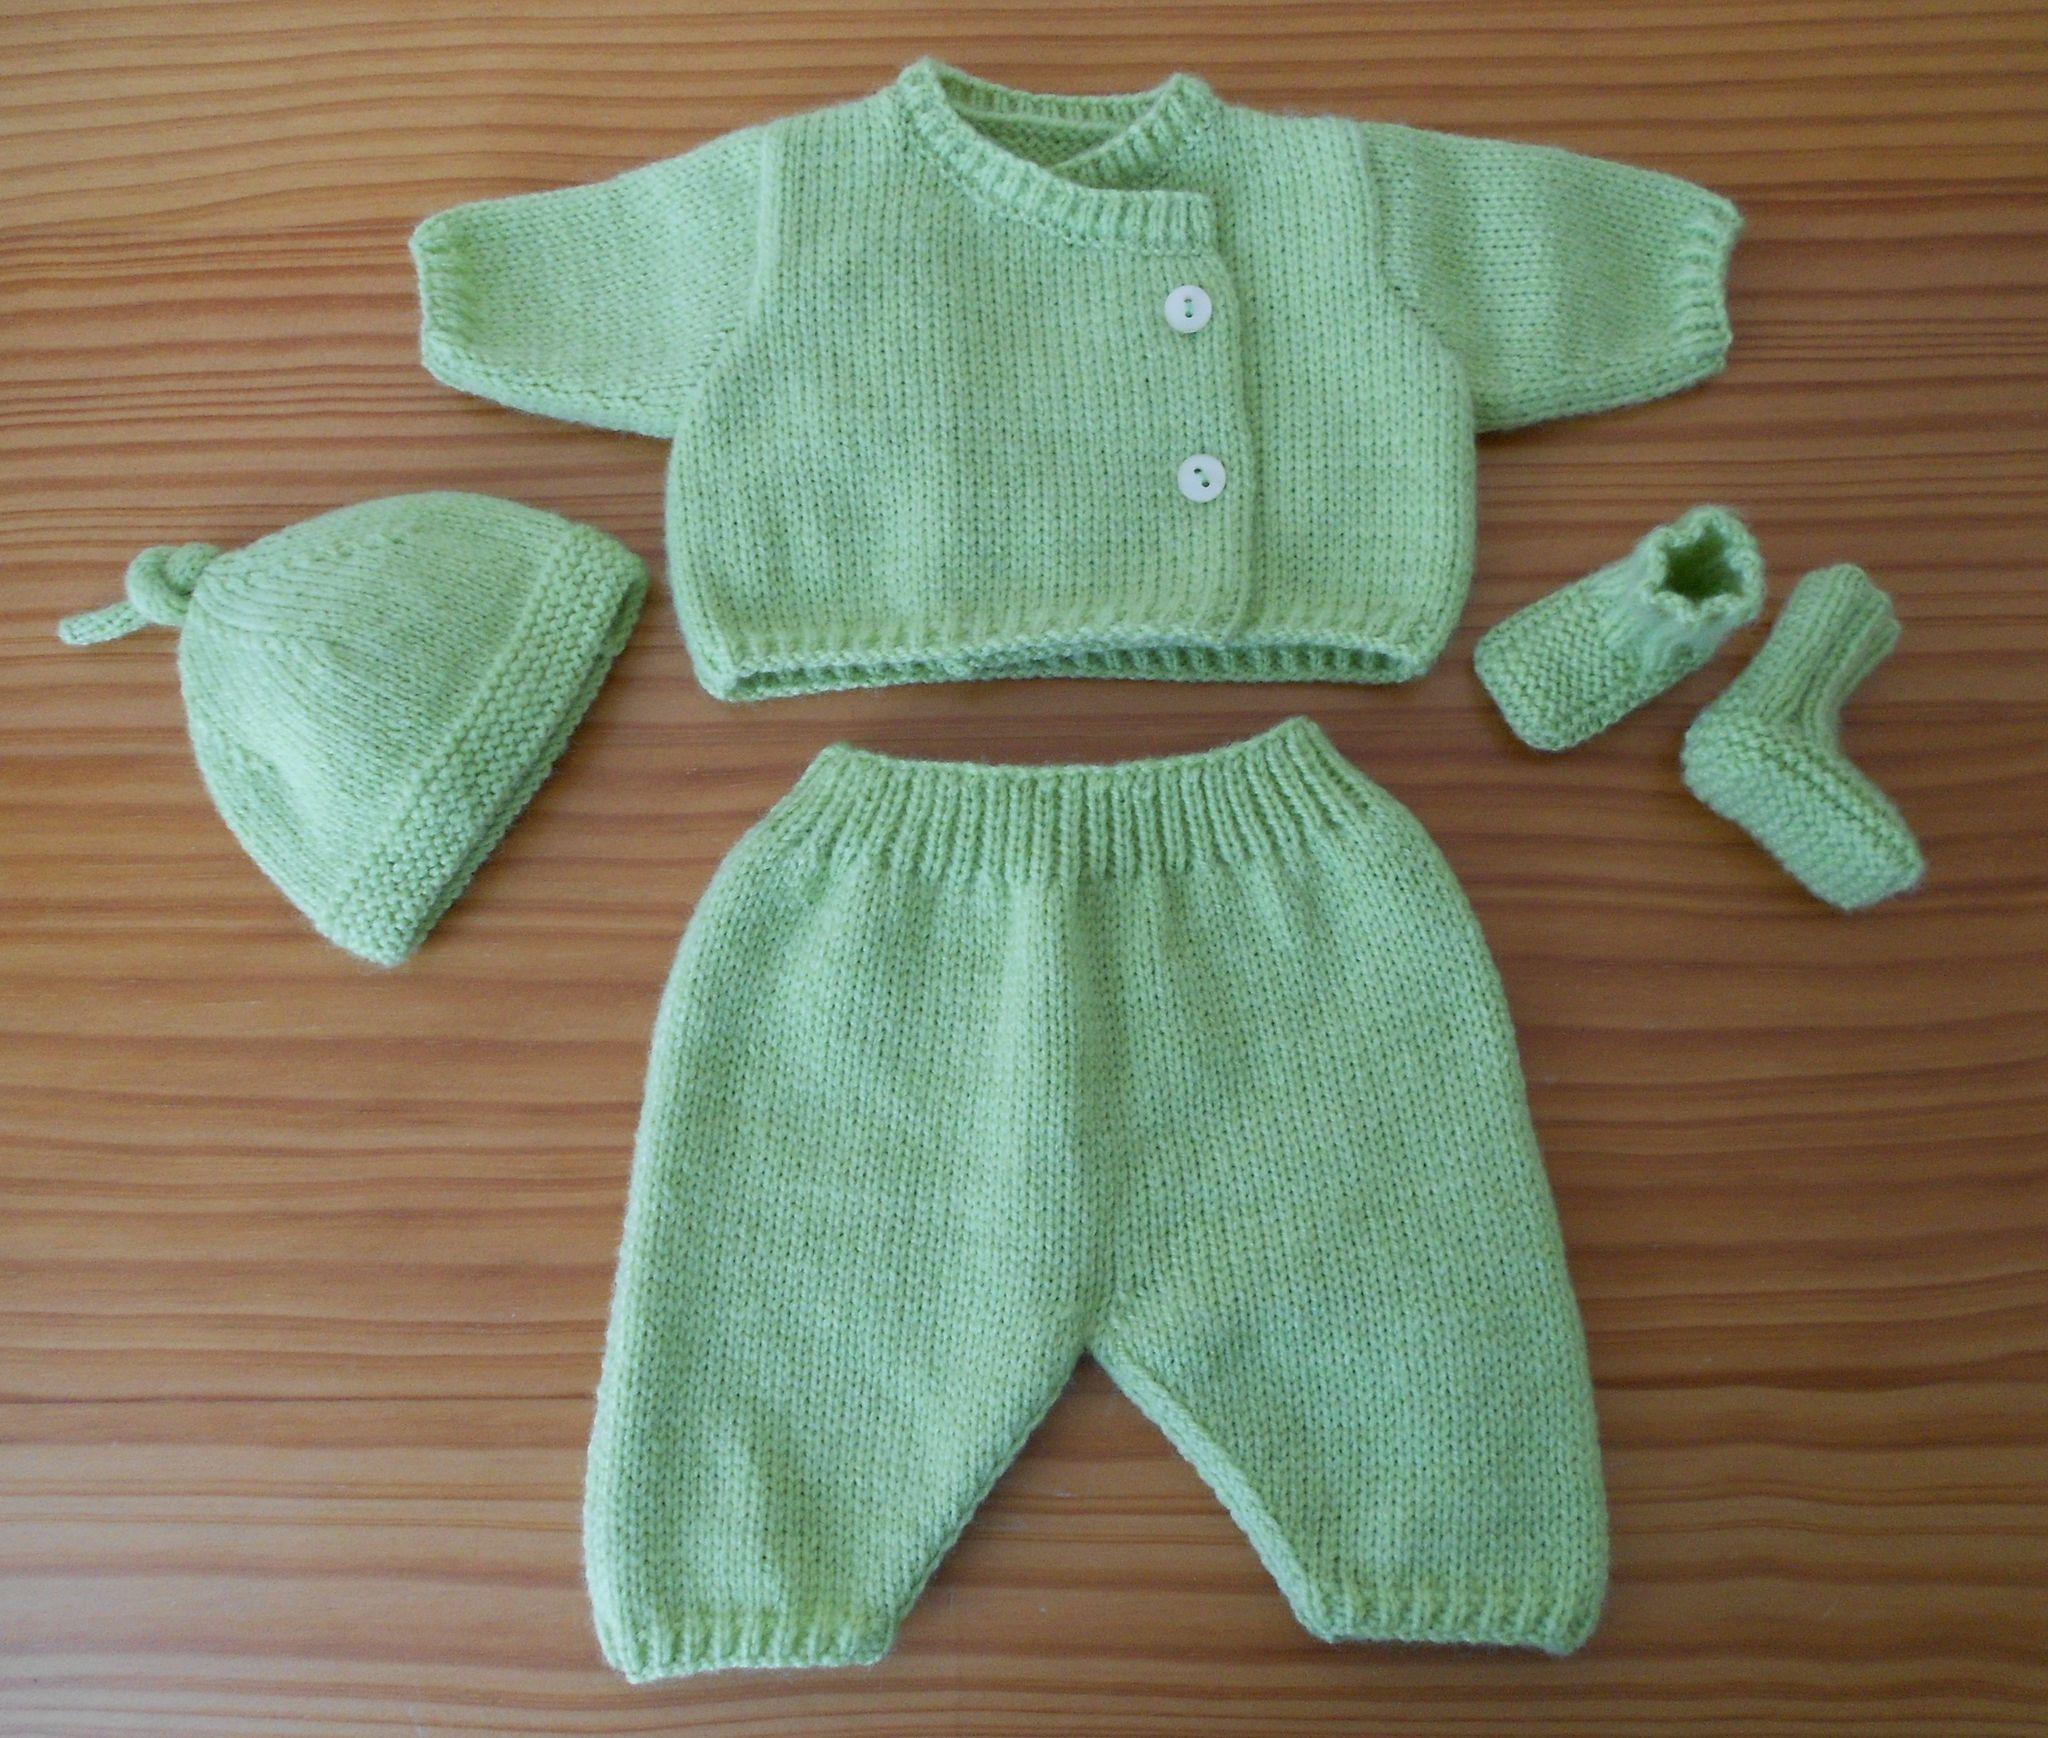 tricot bebe Archives - Page 5 sur 113 - Chapka, doudoune, pull ... d8f6e9491d2